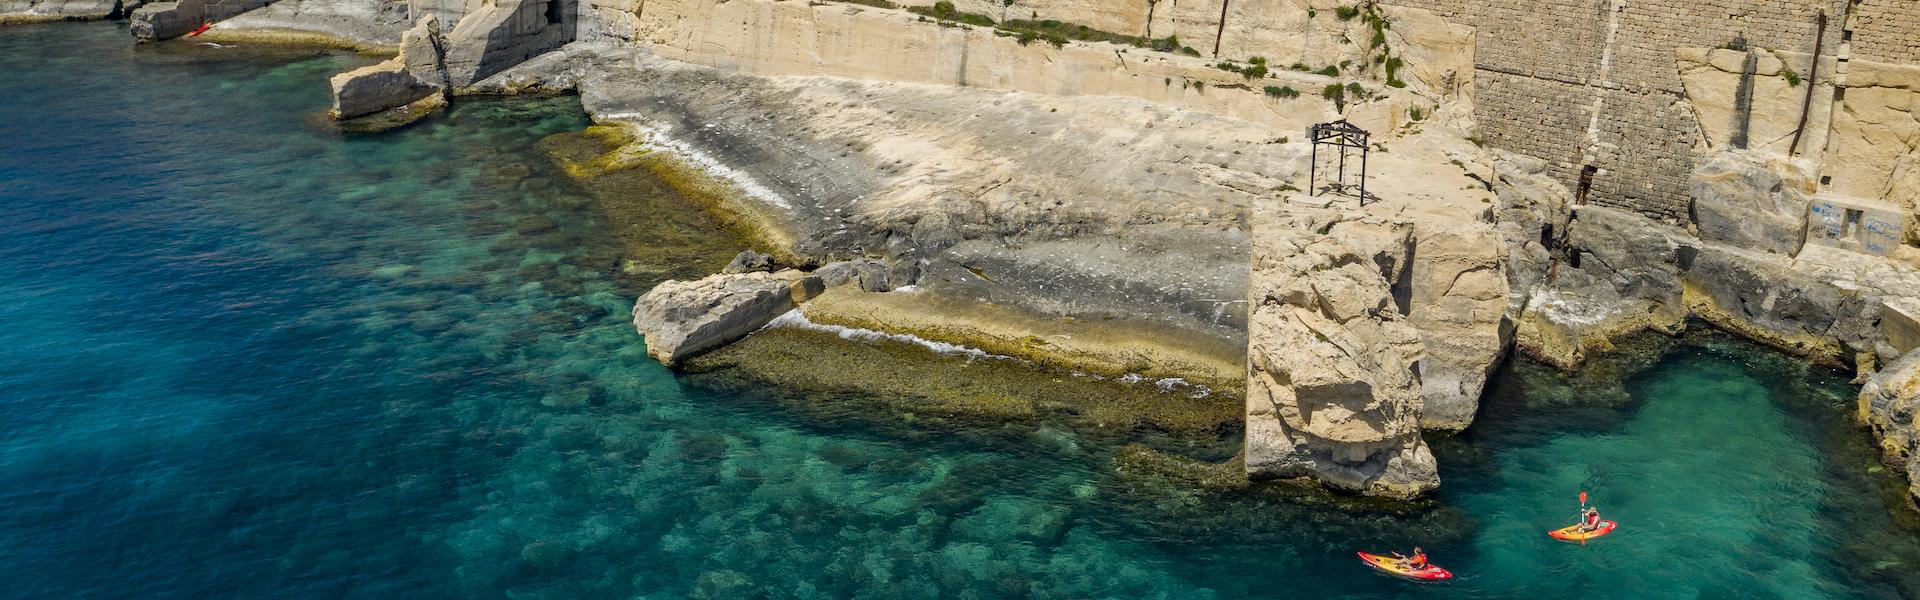 Máltaktív, fedezd fel a máltai szigetek sportos oldalát!